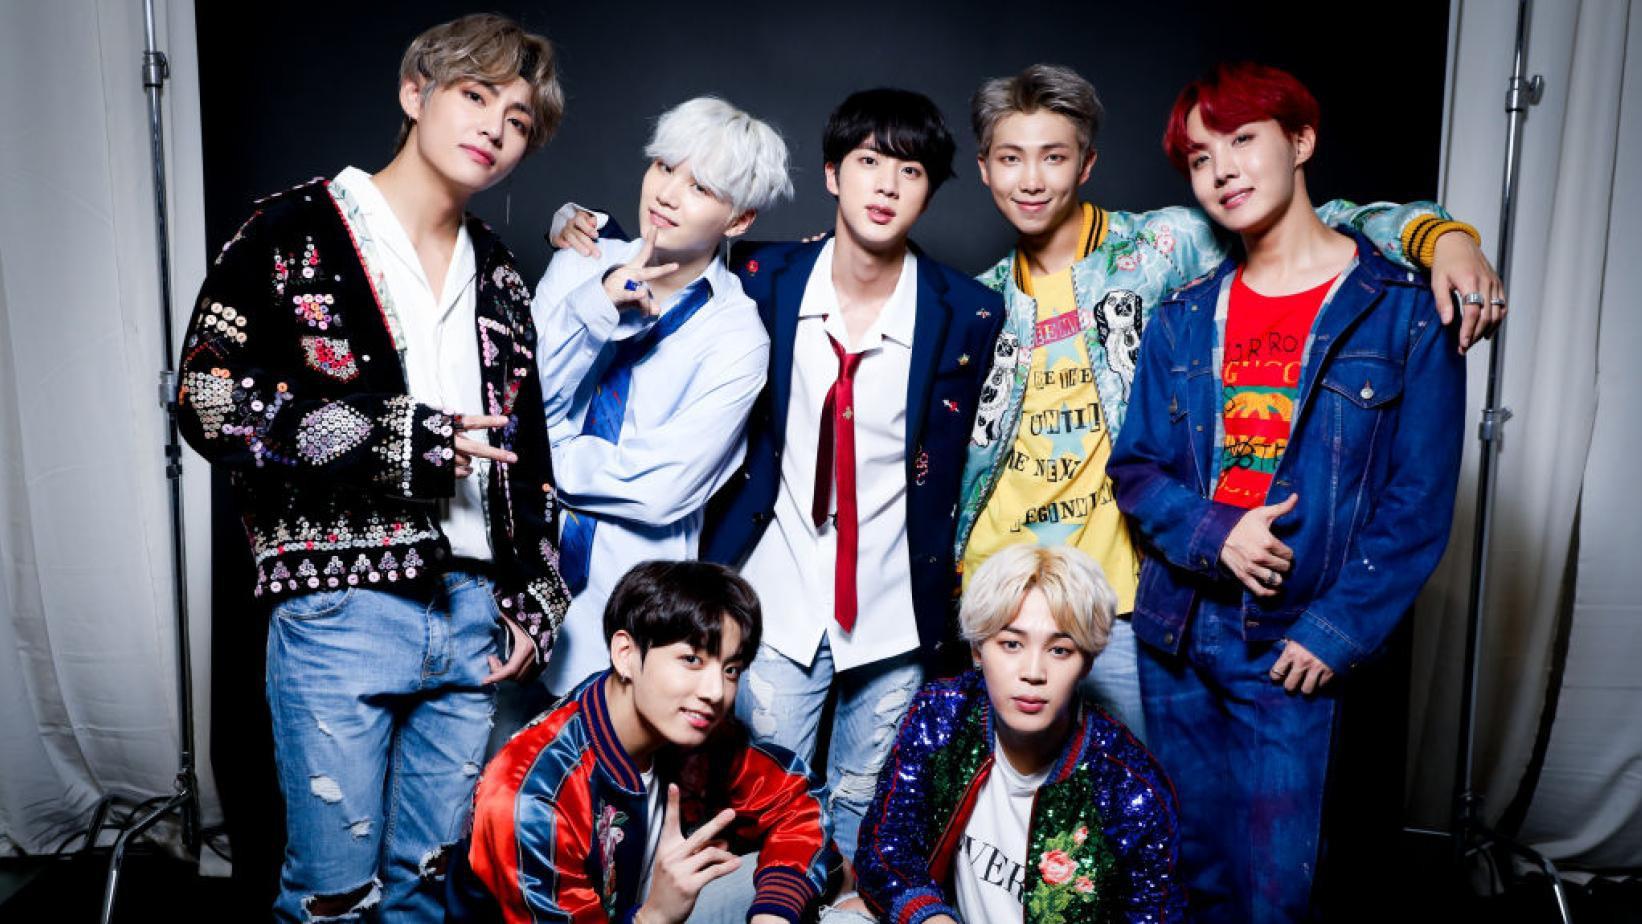 Nghỉ chơi với sân nhà Hàn Quốc, BTS giờ là khách mời thường xuyên của show Mỹ - Ảnh 1.